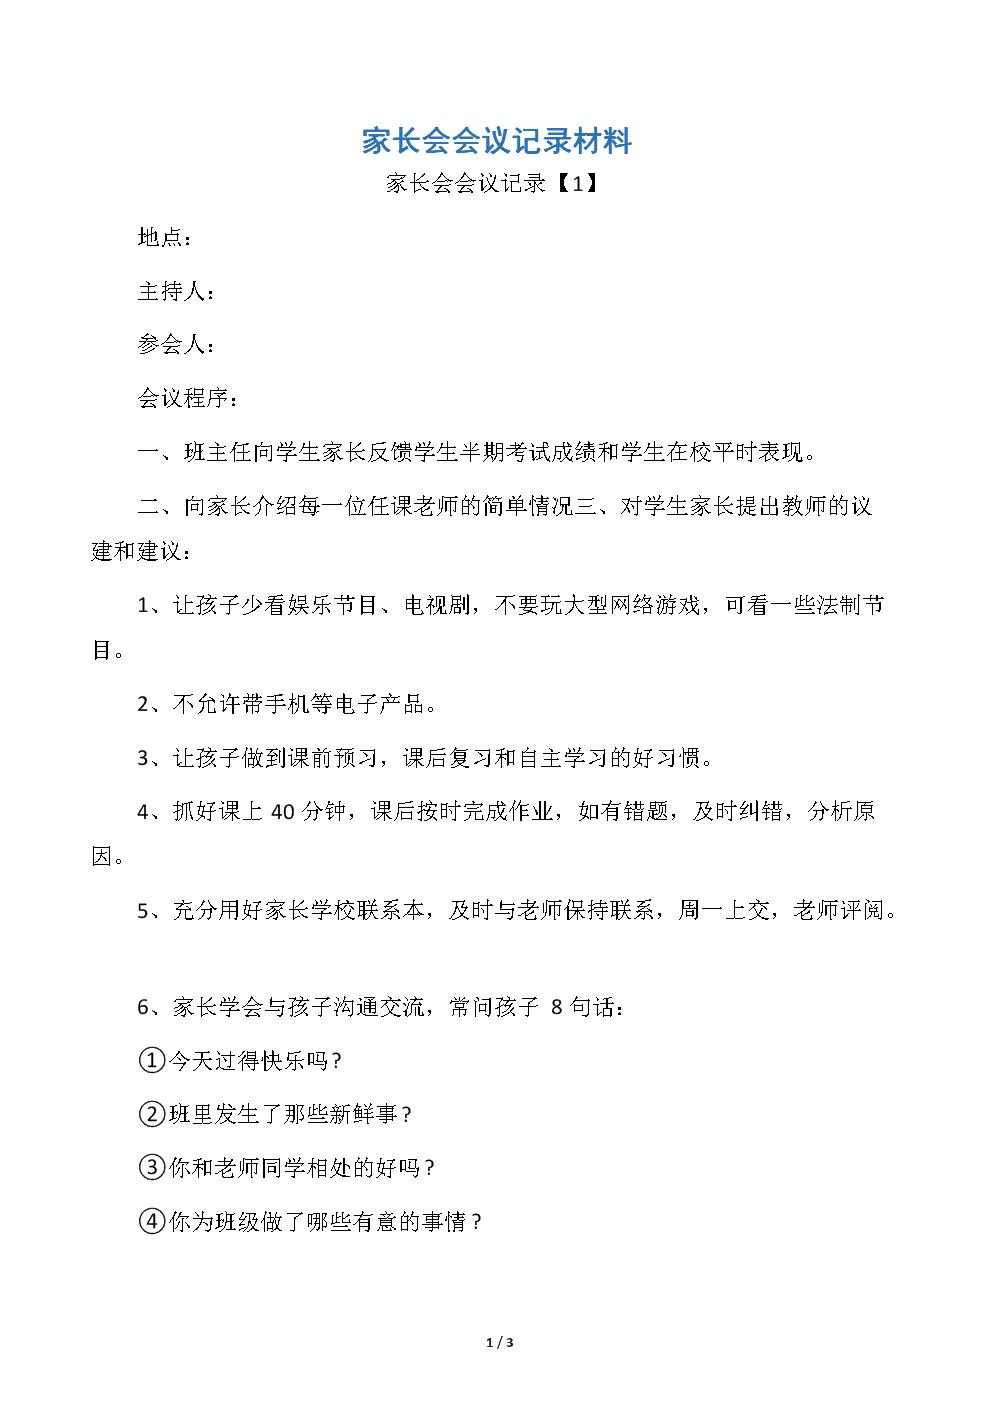 家长会会议记录材料.docx